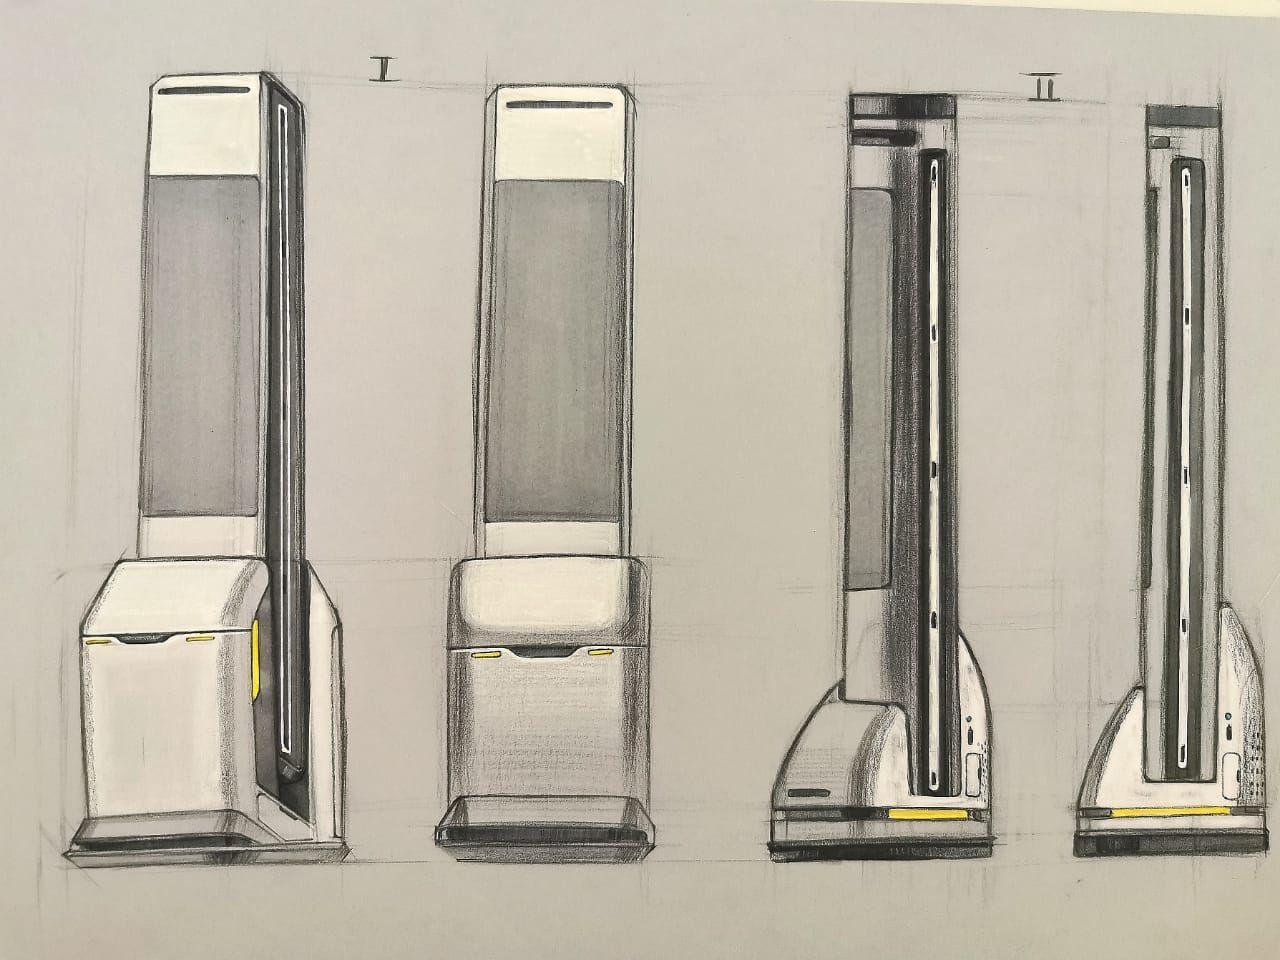 Zhora design